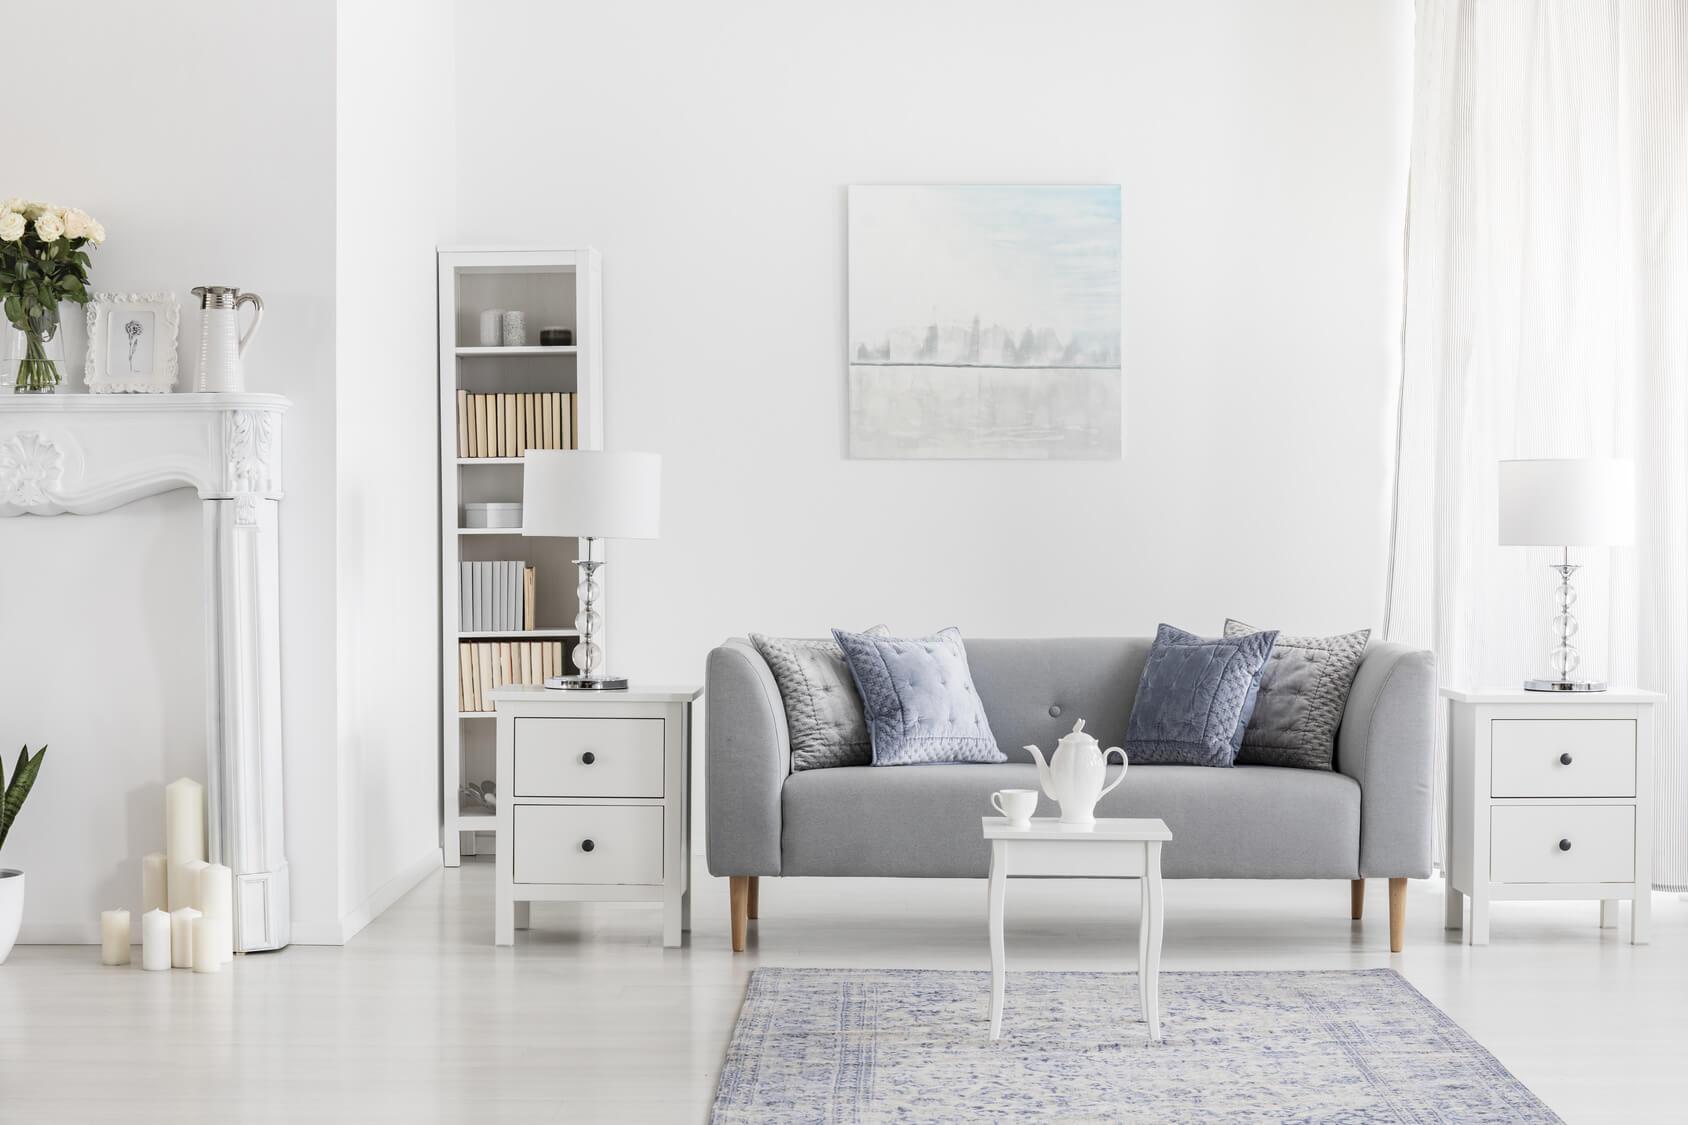 Regionale Angebote für Wohnzimmer kostenlos erhalten | Aroundhome